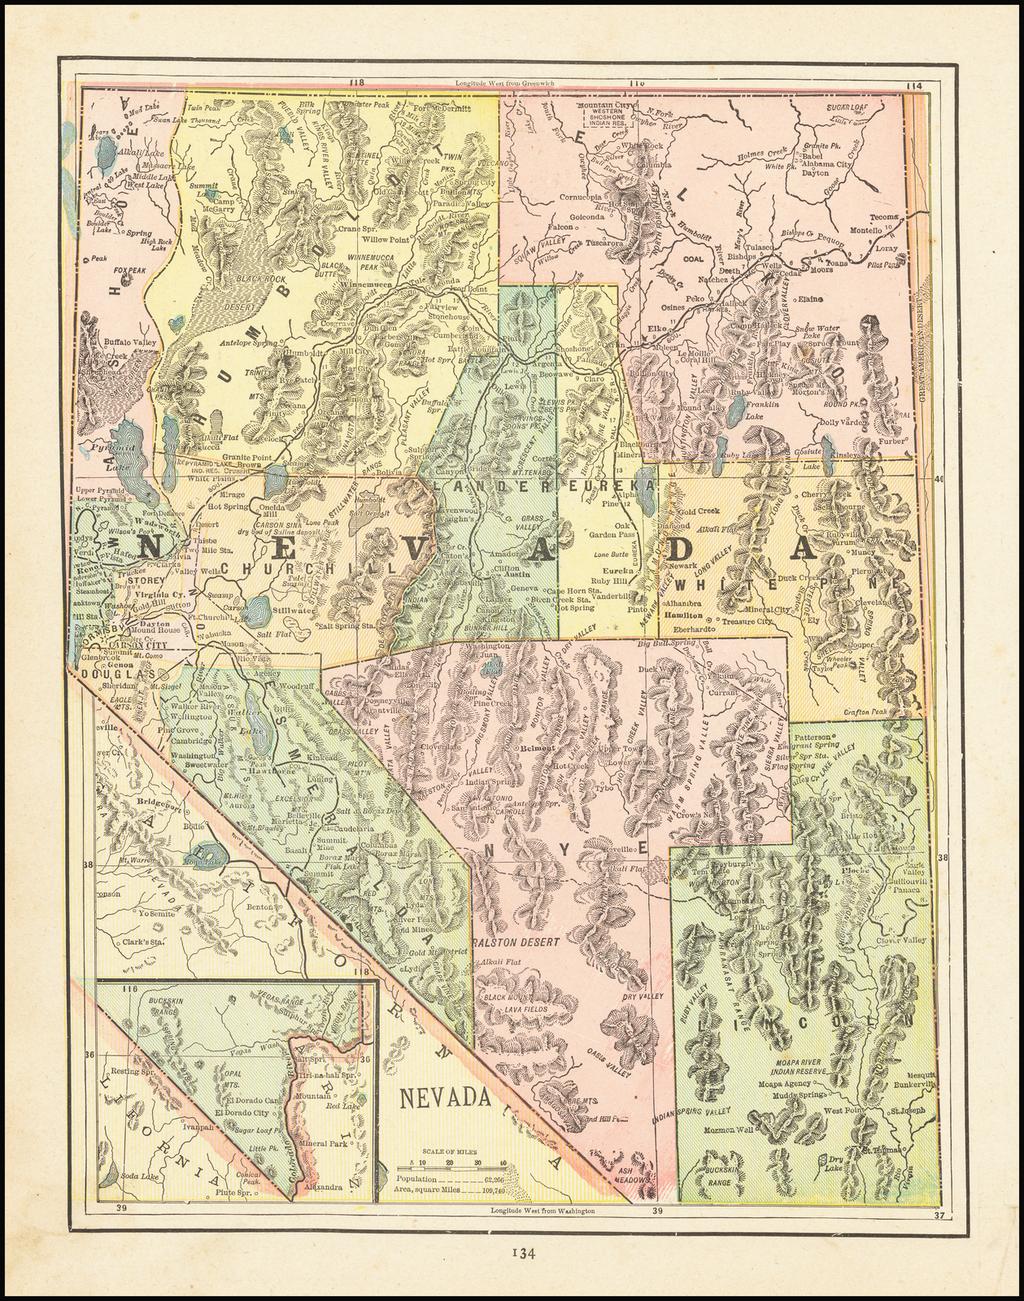 Nevada By George F. Cram